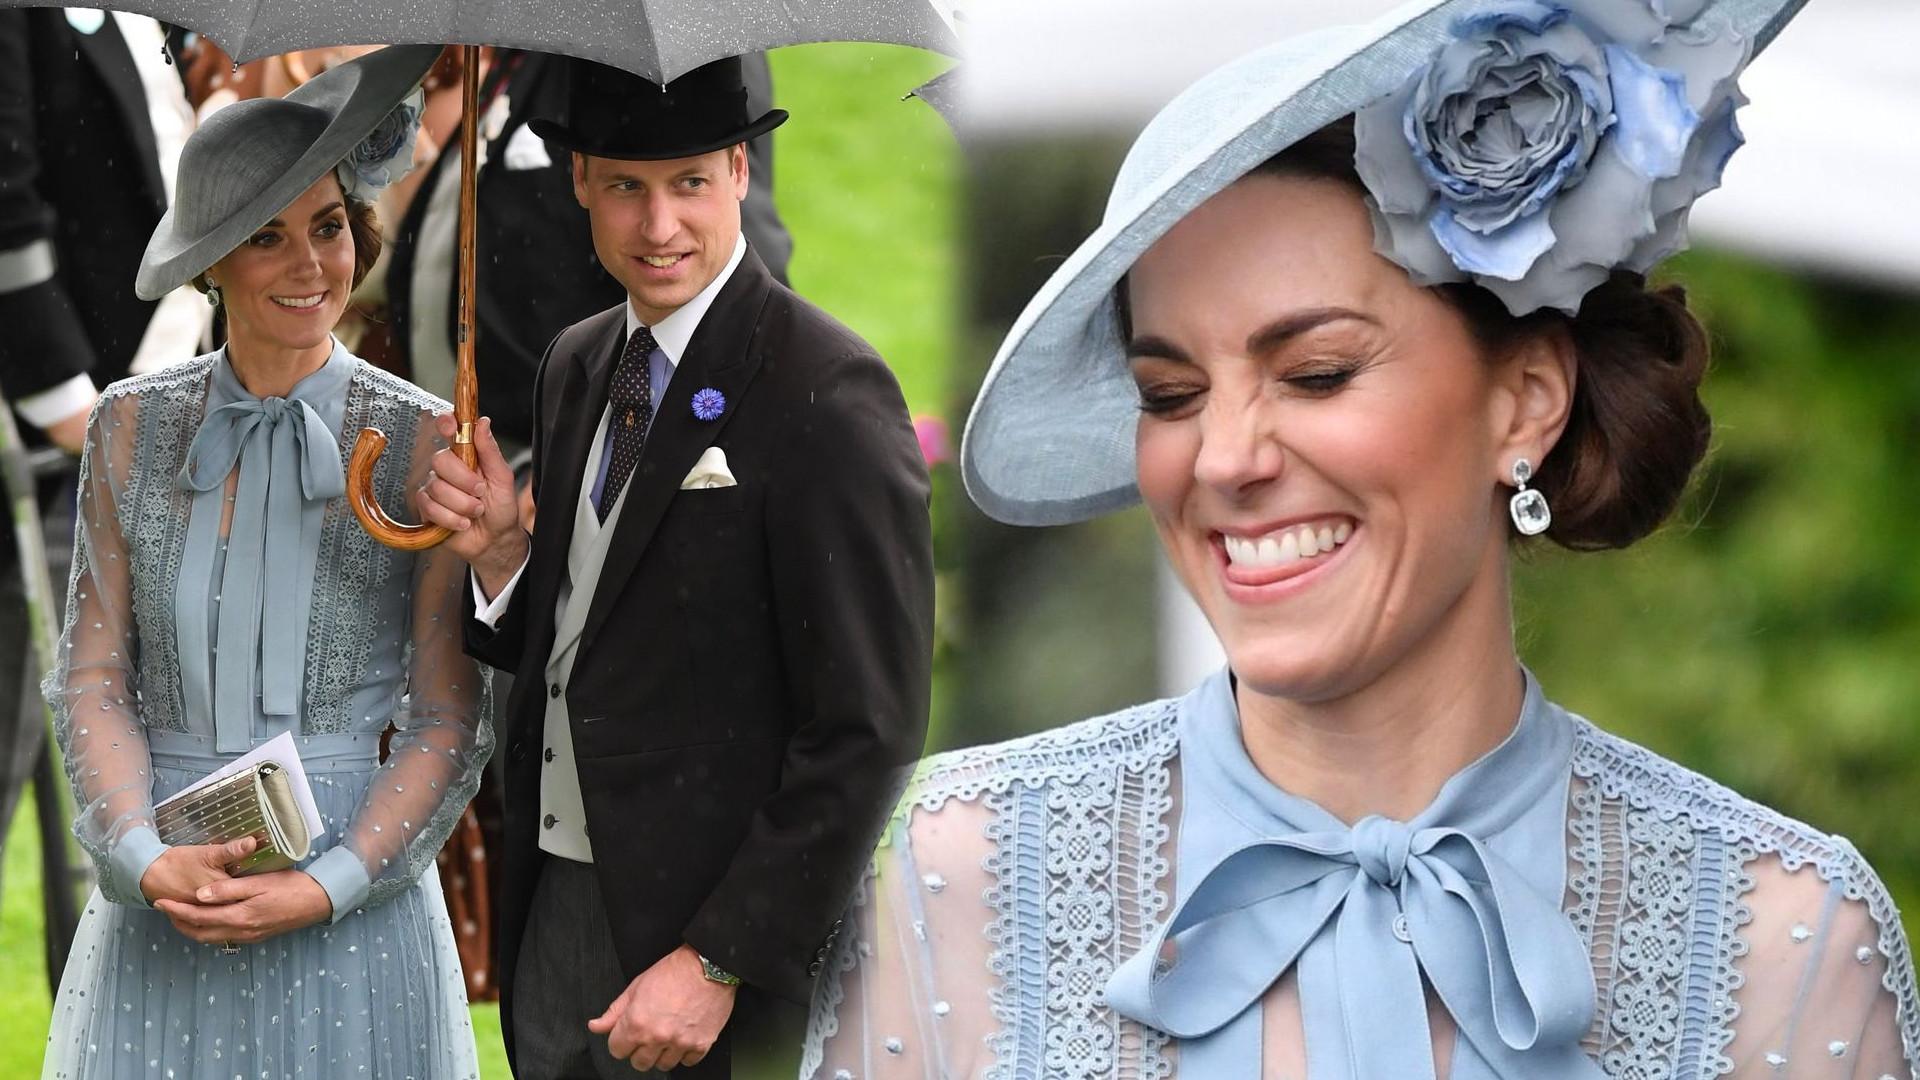 Księżna Kate jest po terapii dla osób CHORYCH PSYCHICZNIE? Była widziana w specjalistycznym ośrodku!